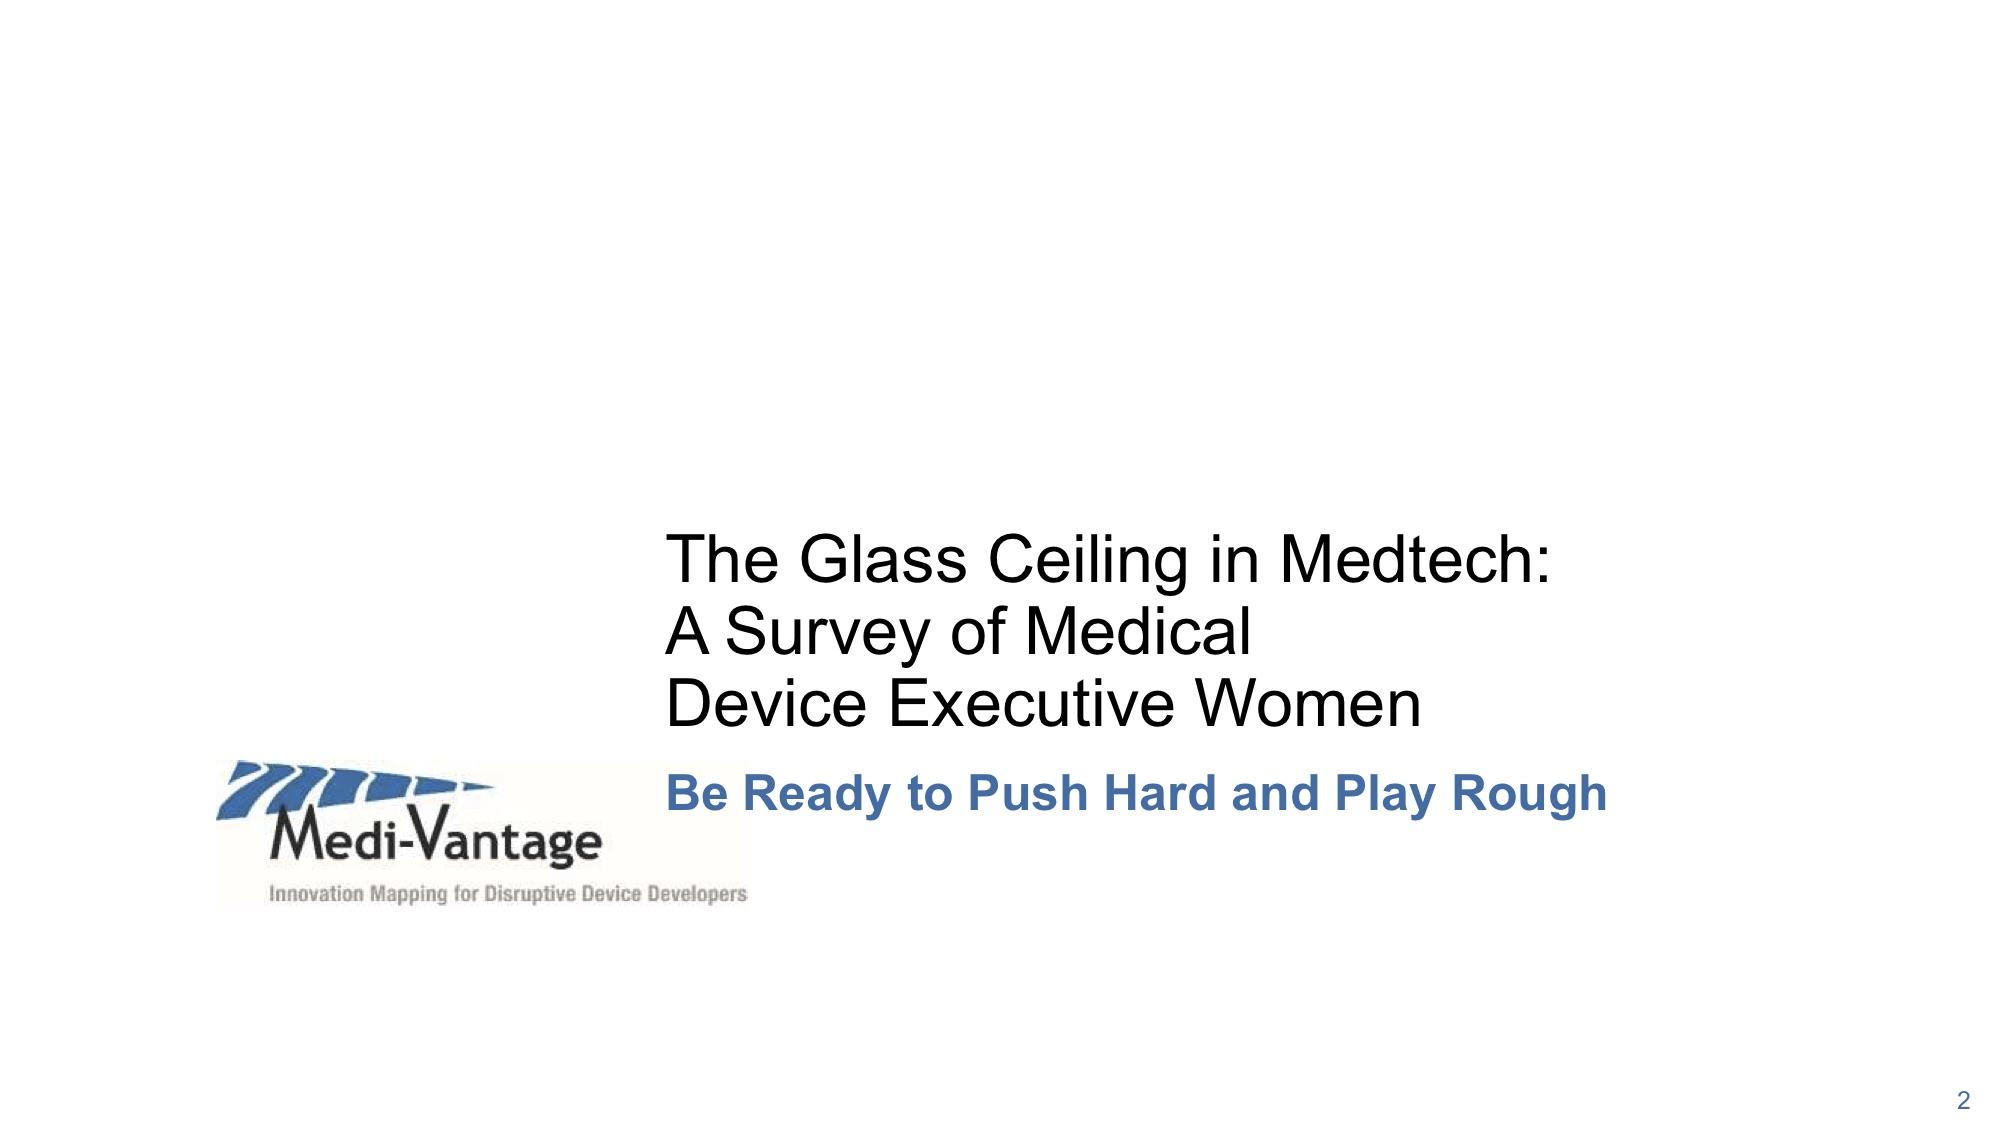 The glass ceiling for medtech exec women2.jpg